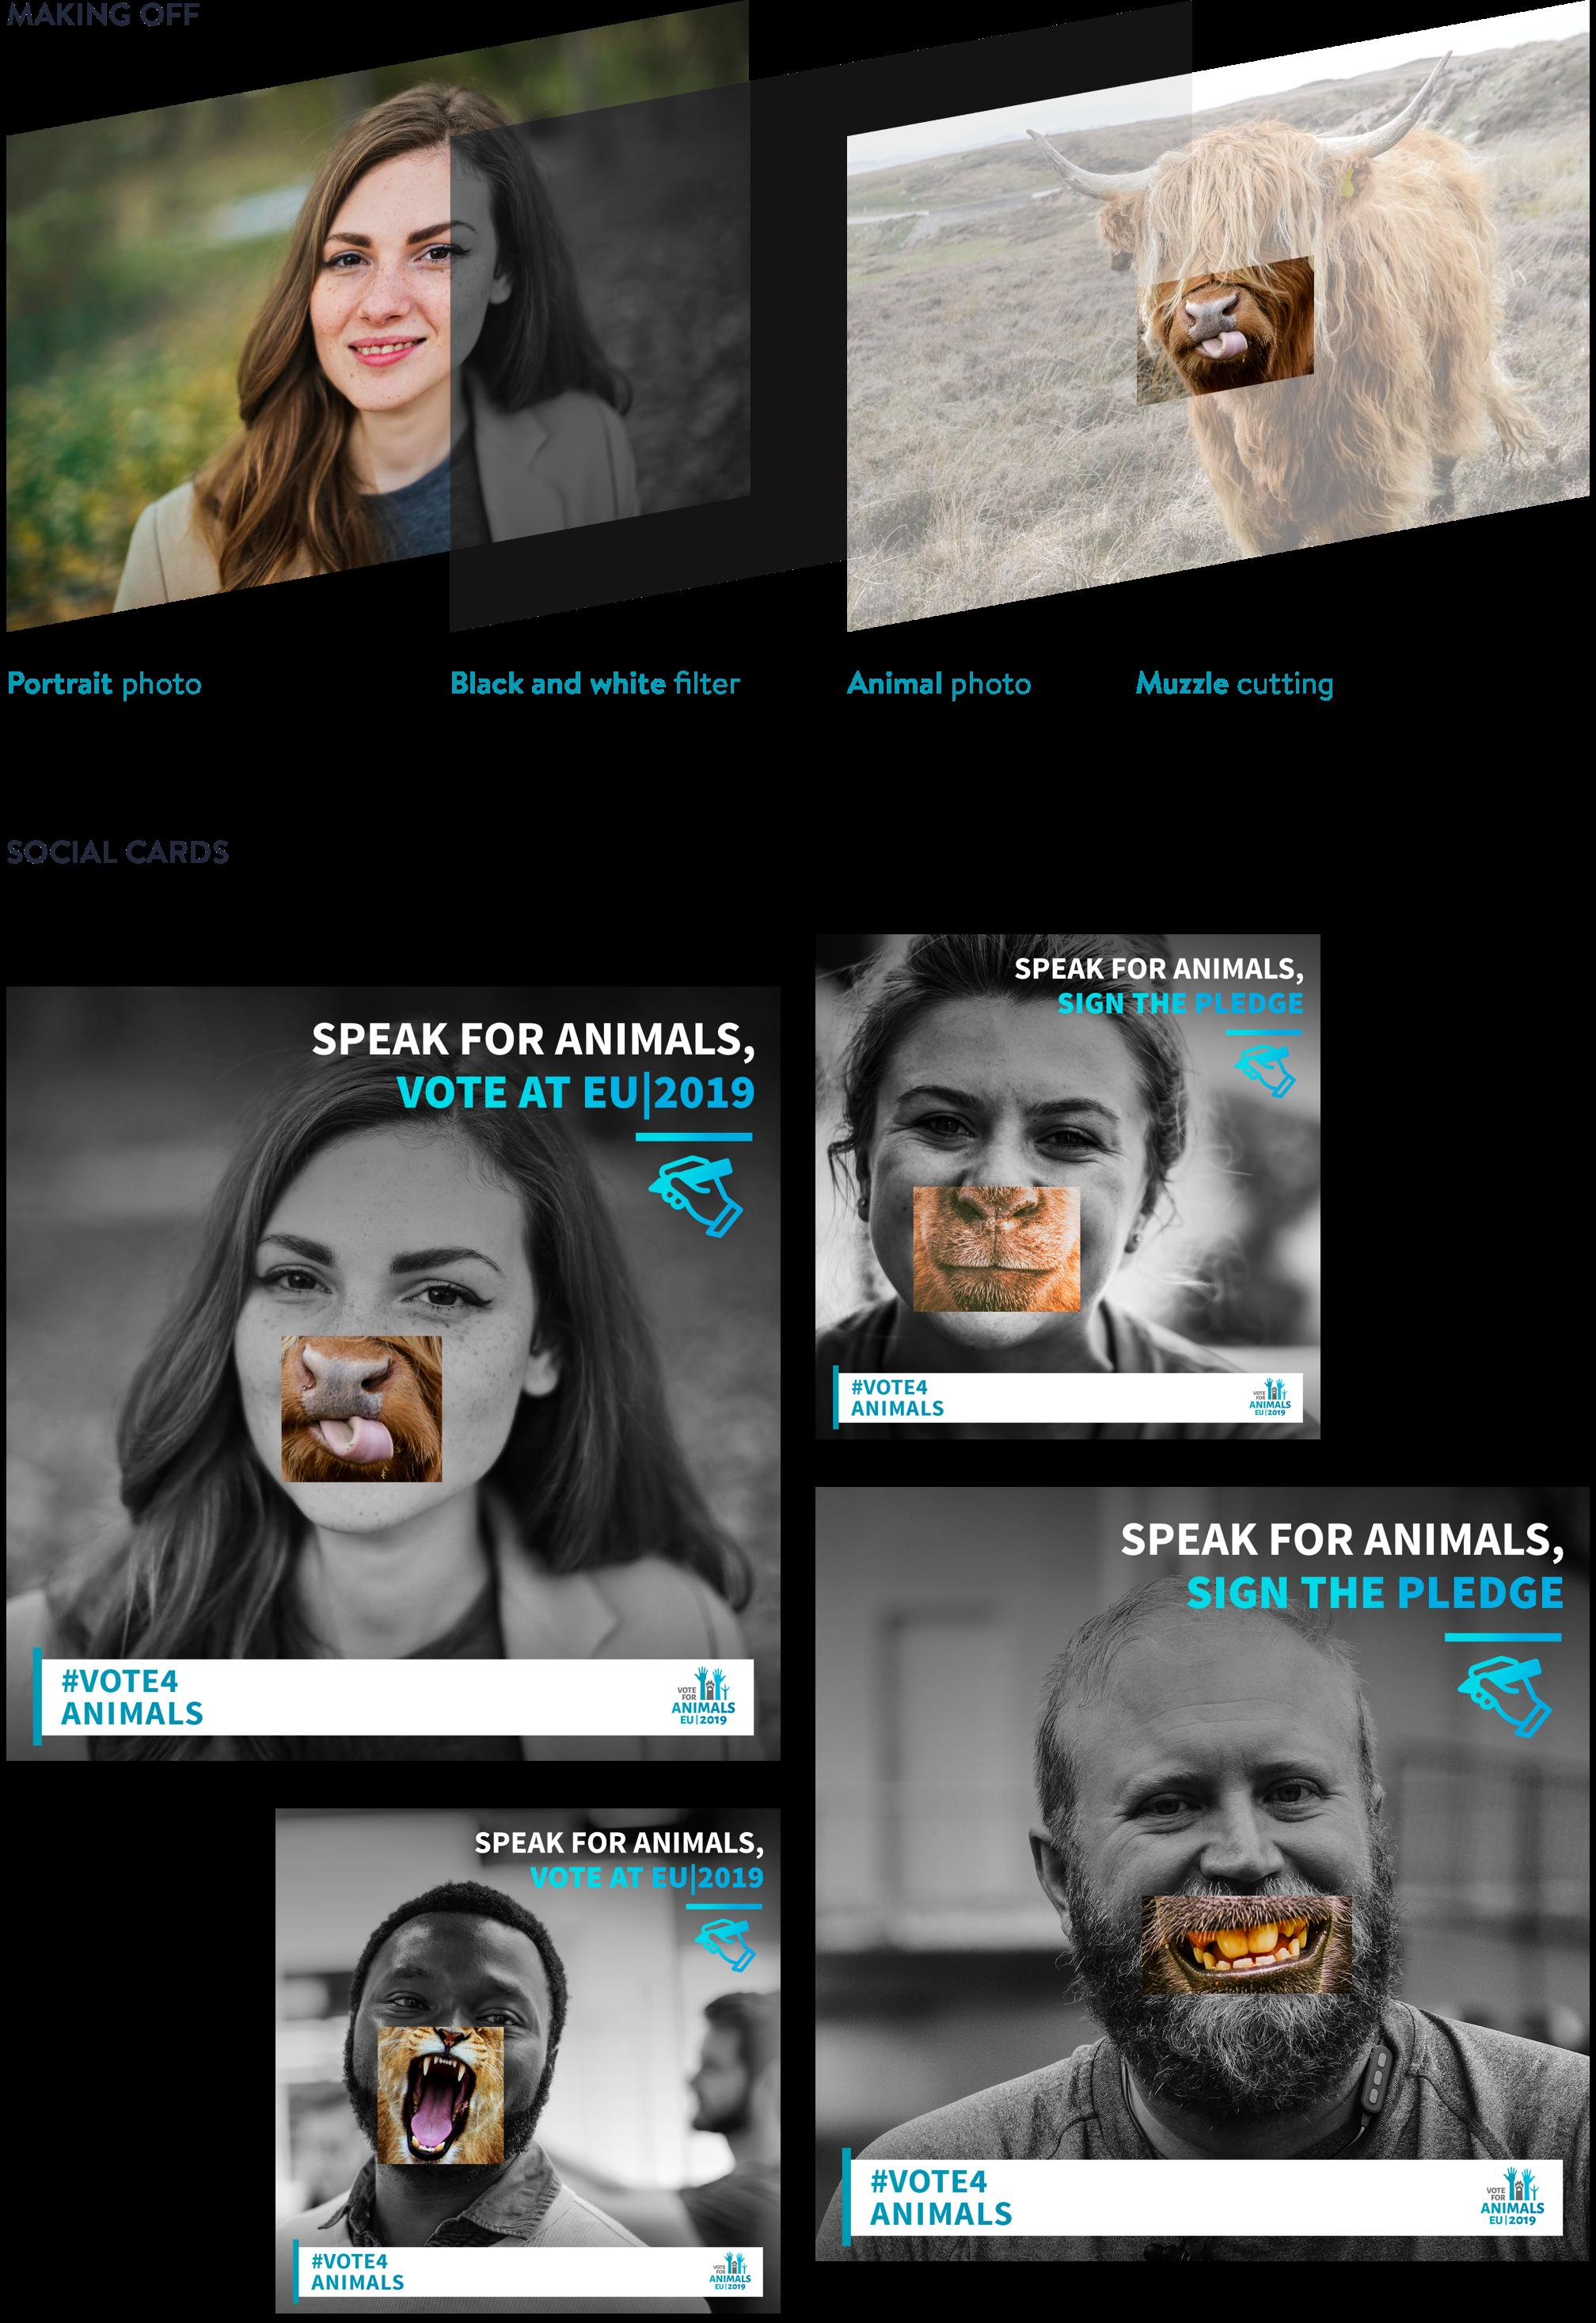 making of Social Media Cards for Speak for animals